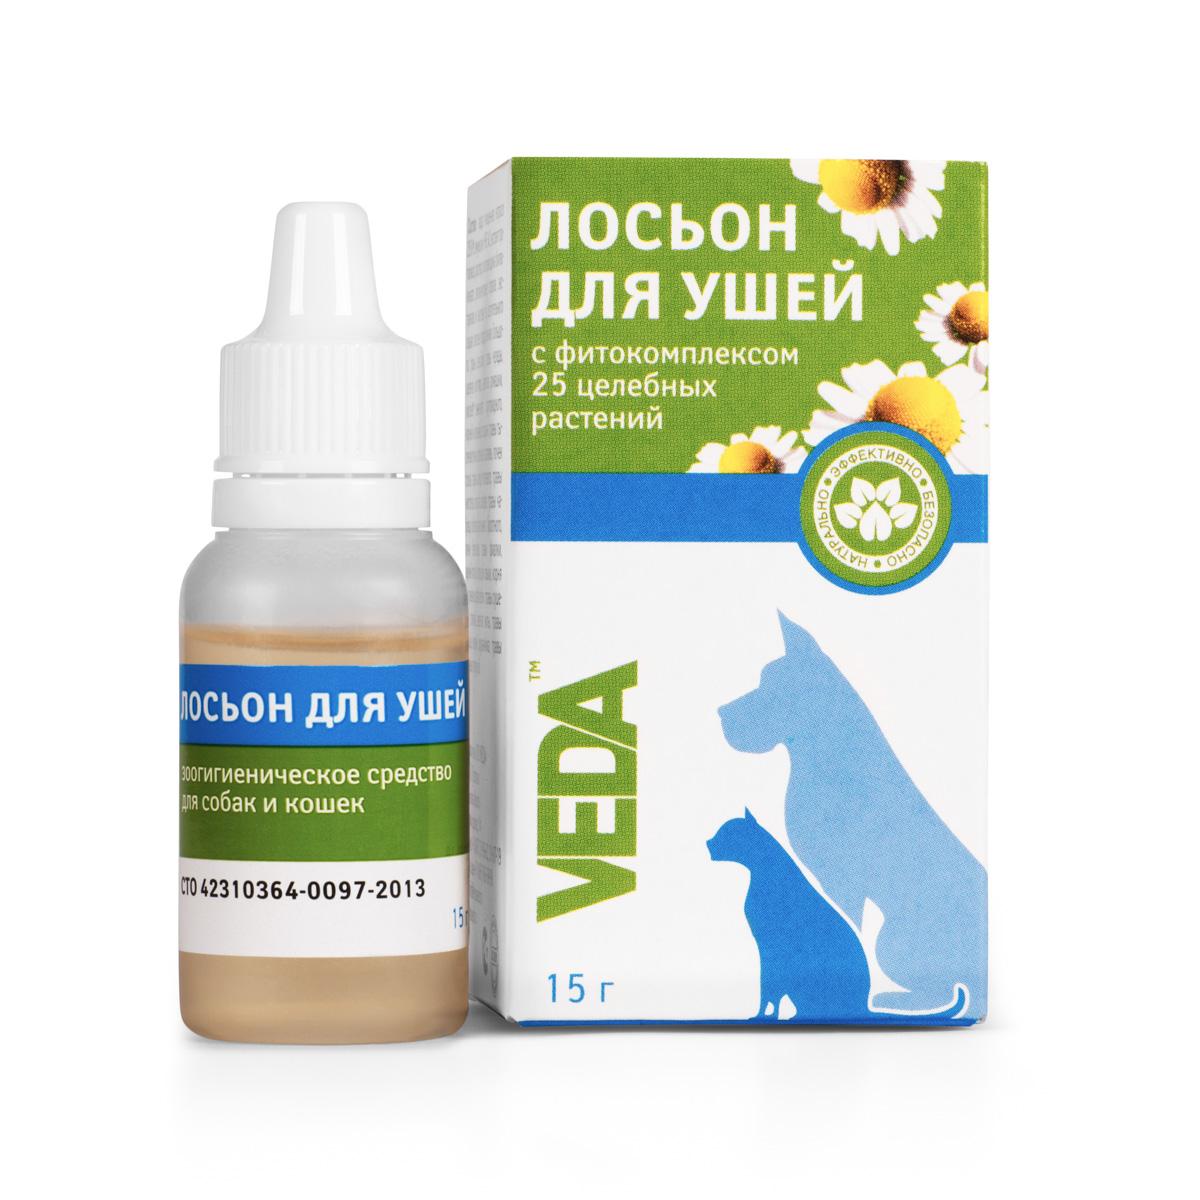 Лосьон для ушей VEDA Фитогигиена, для кошек и собак, 15 г4605543006173Лосьон для ушей VEDA Фитогигиена применяют для гигиенической обработки собак, кошек и других мелких домашних животных: мягкая очистка ушной раковины и удаление загрязнений из ушного канала. Регулярное использование средства способствует предотвращению проблем с ушами, благодаря биоактивным компонентам фитокомплекса из 25 целебных растений, обладающих антисептическими, противовоспалительными и заживляющими свойствами. Состав: вода очищенная, фитокомплекс: цветков ромашки, листьев подорожника большого, соплодий ольхи, травы череды, травы зверобоя, травы тысячелистника, травы чабреца, корней одуванчика, почек березовых, травы эхинацеи пурпурной, листьев шалфея, побегов багульника болотного, цветков ноготков, листьев эвкалипта прутовидного, корней и корневищ солодки, листьев крапивы, почек сосны, травы хвоща полевого, травы чистотела, травы фиалки, корней лопуха, корня и корневищ кровохлебки, травы сушеницы топяной, травы душицы, цветков липы; гидроксиэтилцеллюлоза, эмульгин HRE 40, консервант. Товар сертифицирован. Рекомендуем!